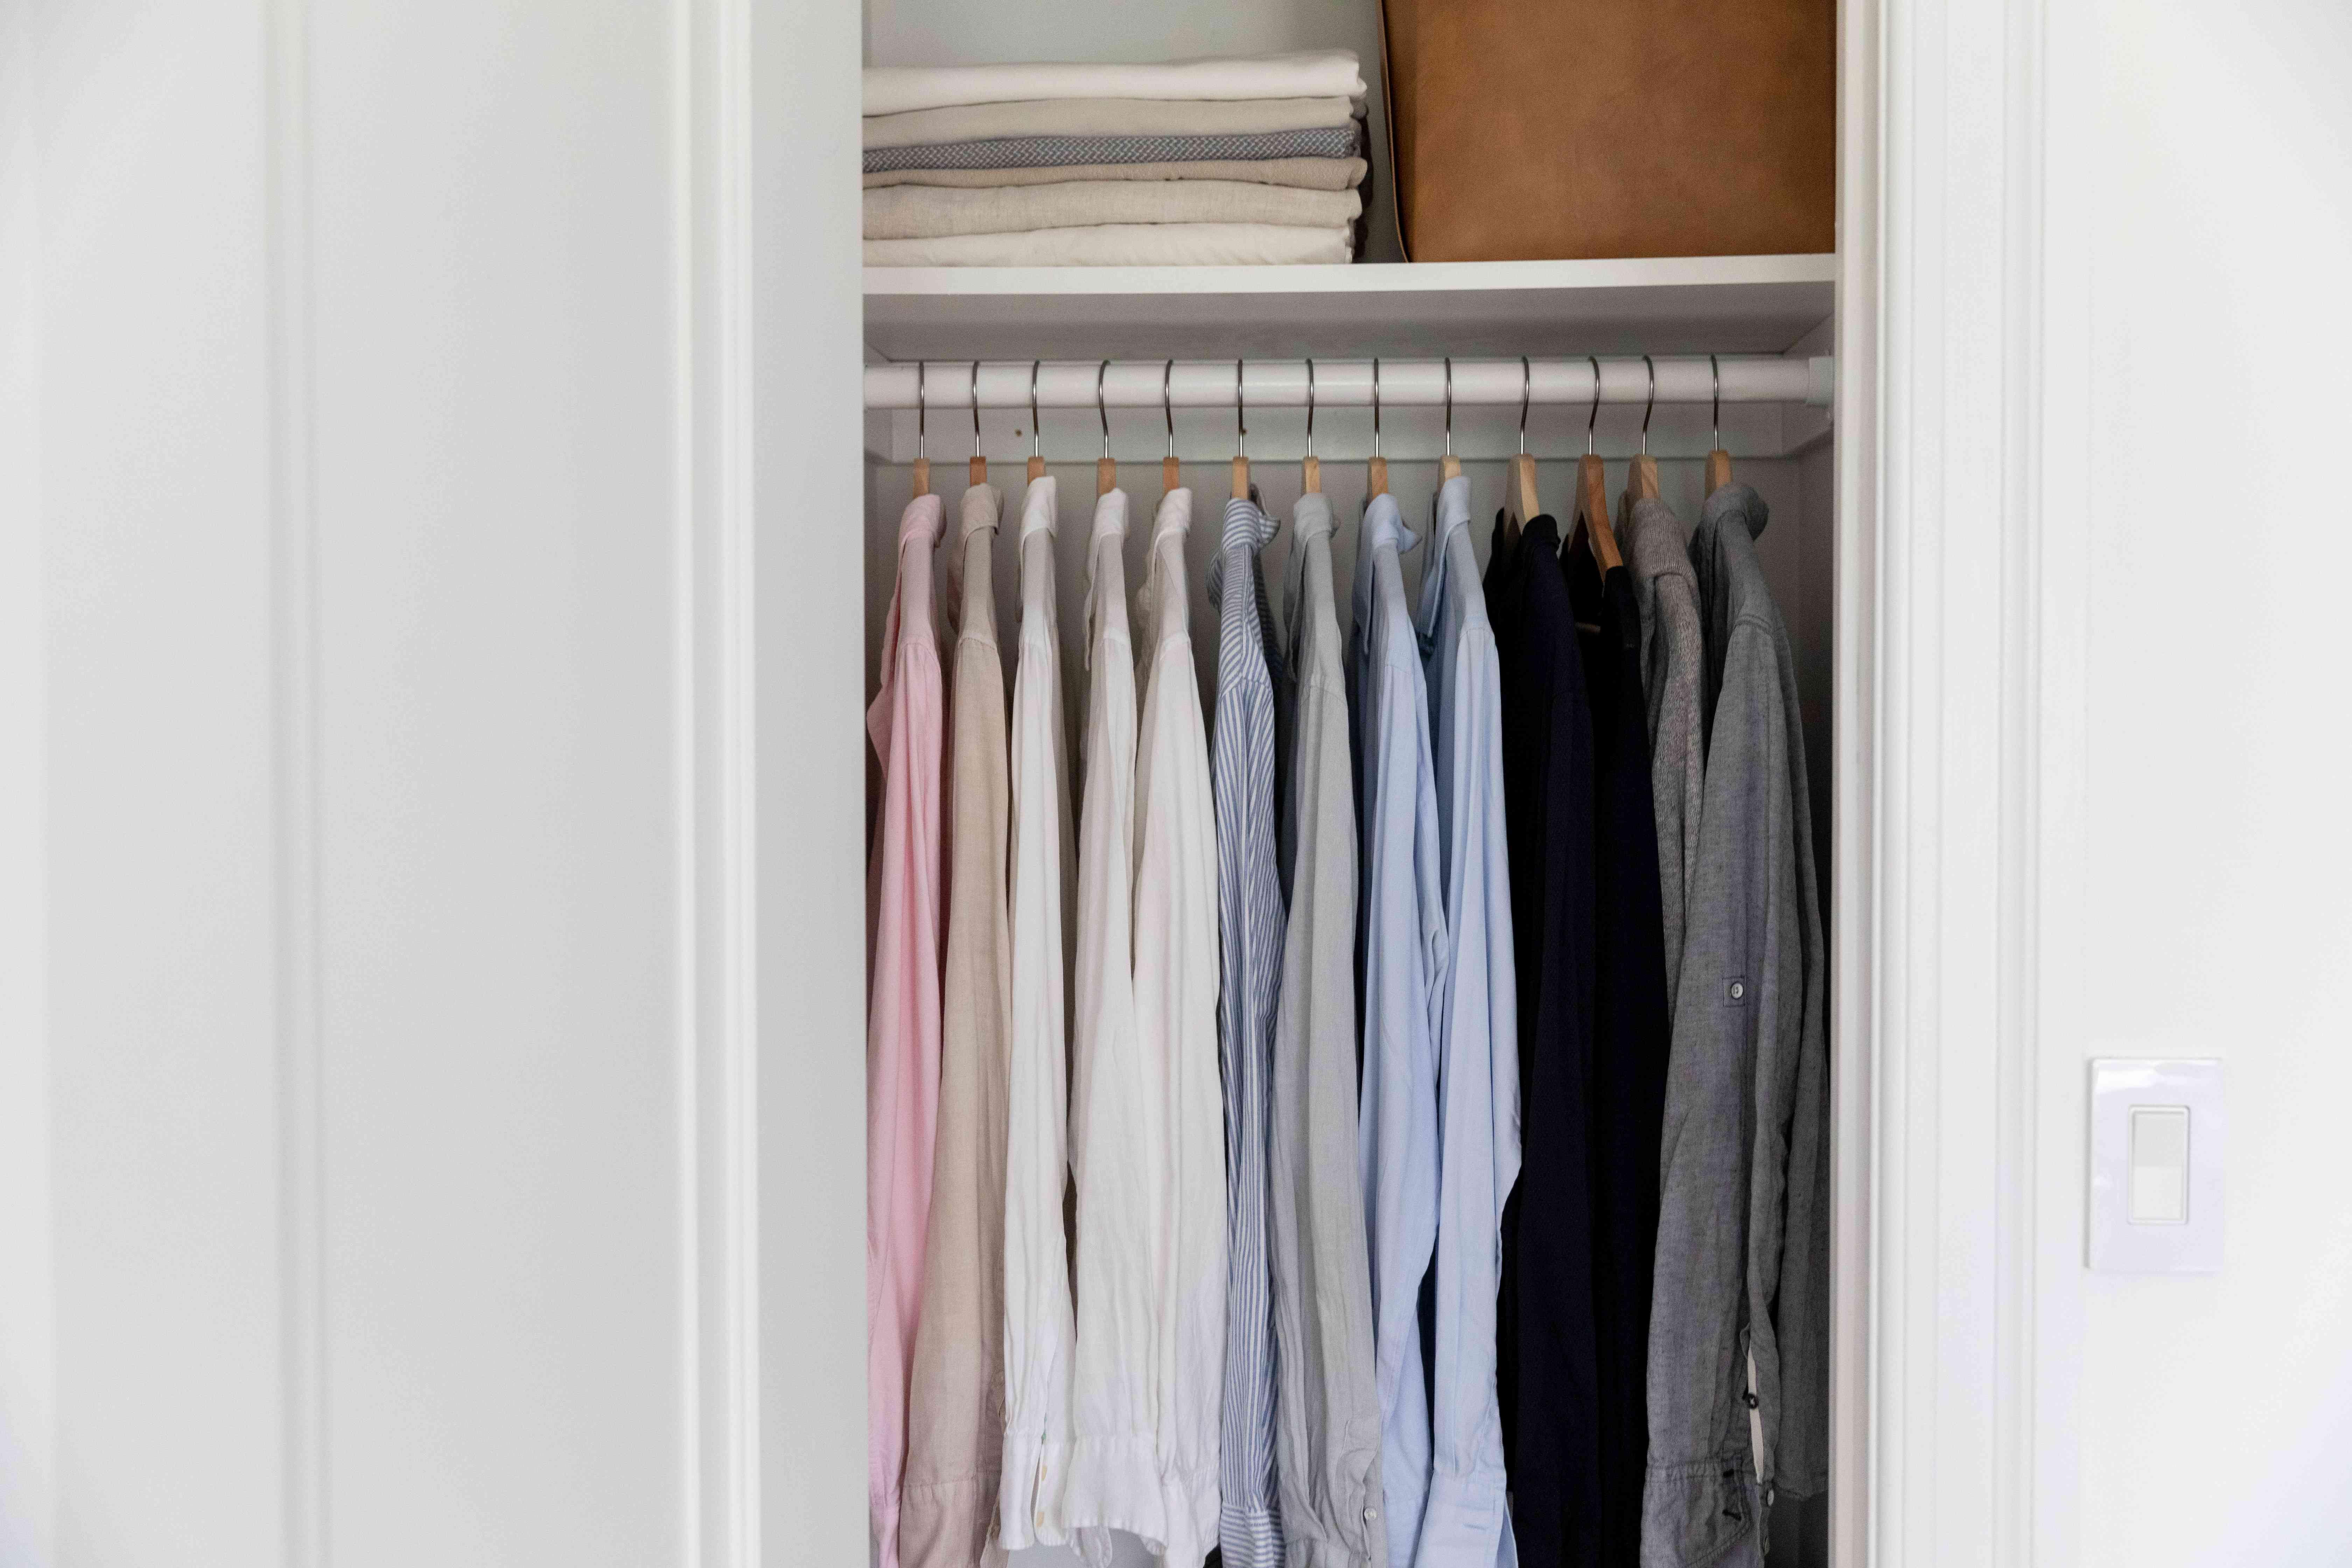 utilizing the top shelf of a closet